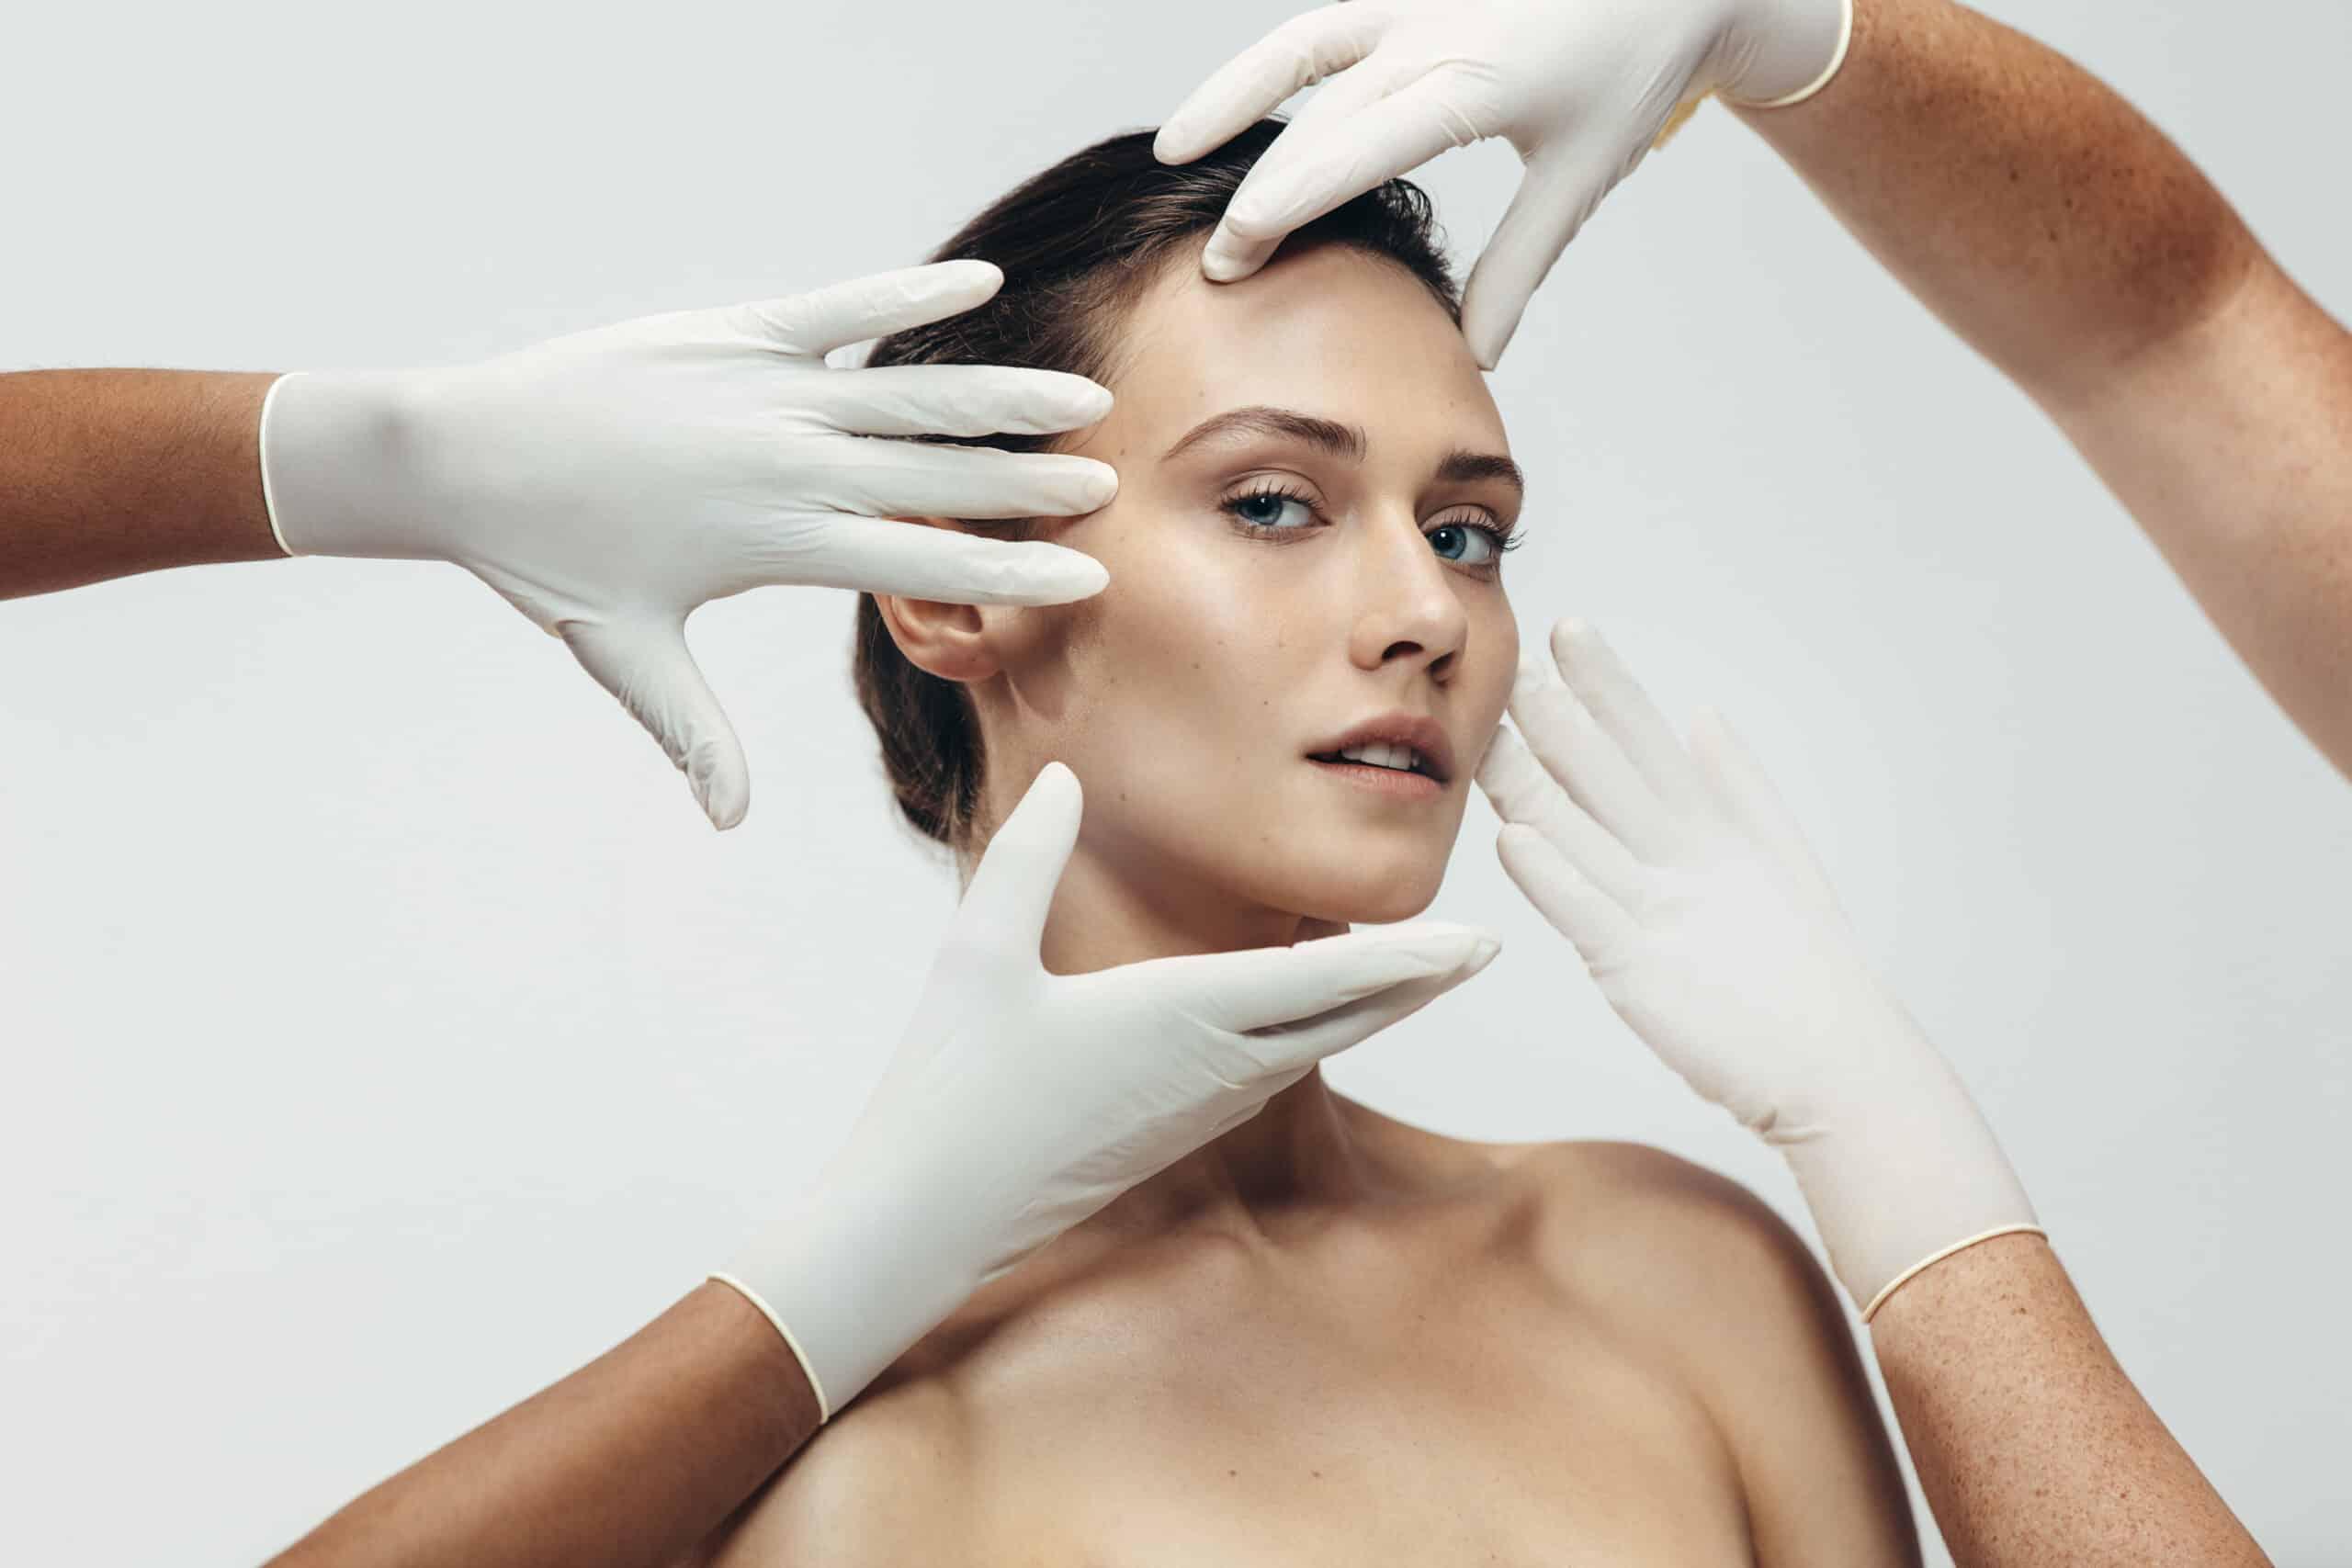 Pielęgnacja przyszłości czyli najnowsza linia The MAX IMAGE Skincare